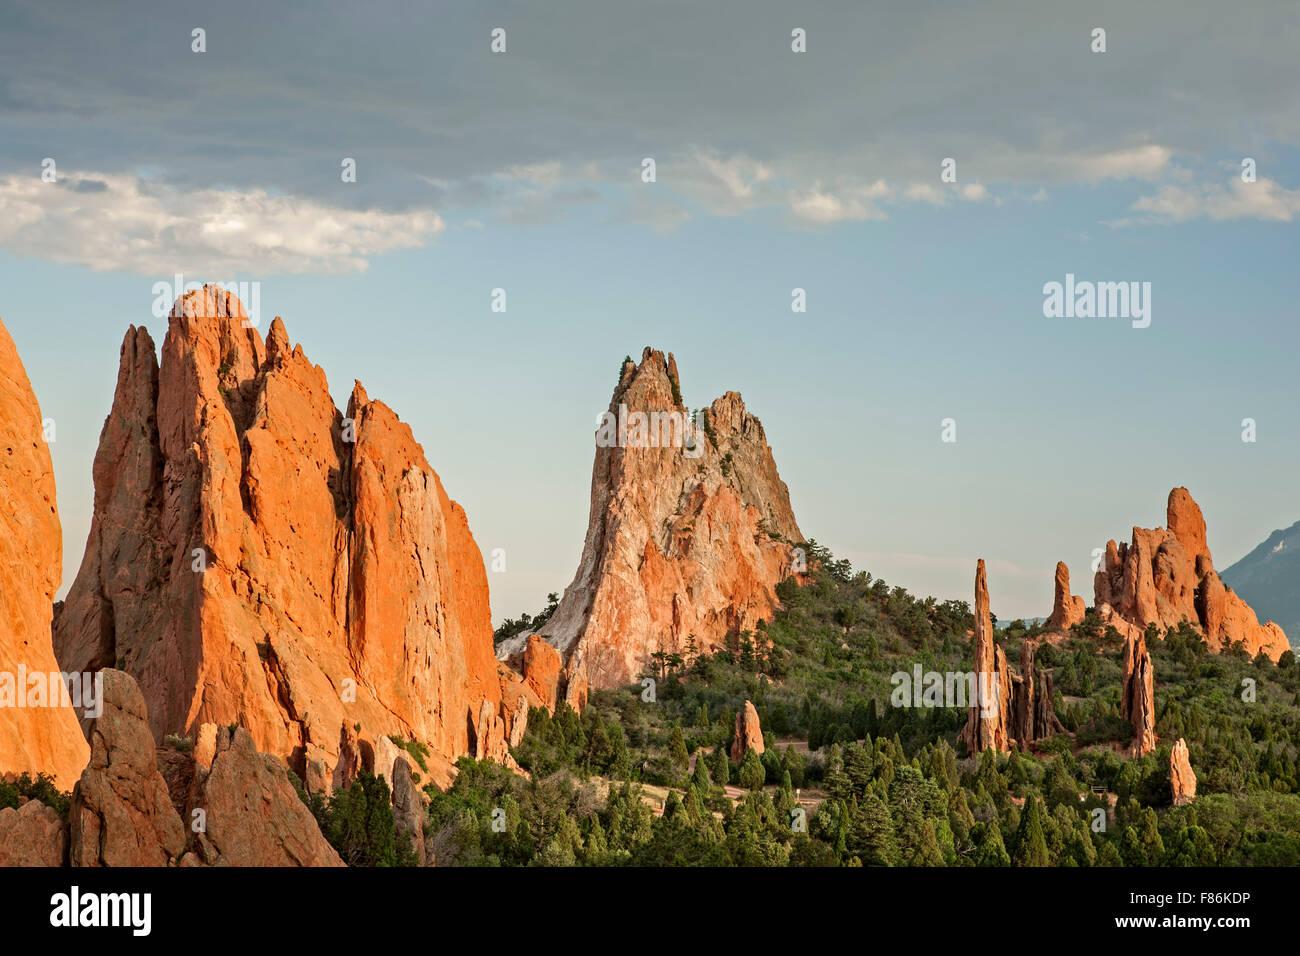 Cathedral Spires, Garden of the Gods, Colorado Springs, Colorado USA - Stock Image